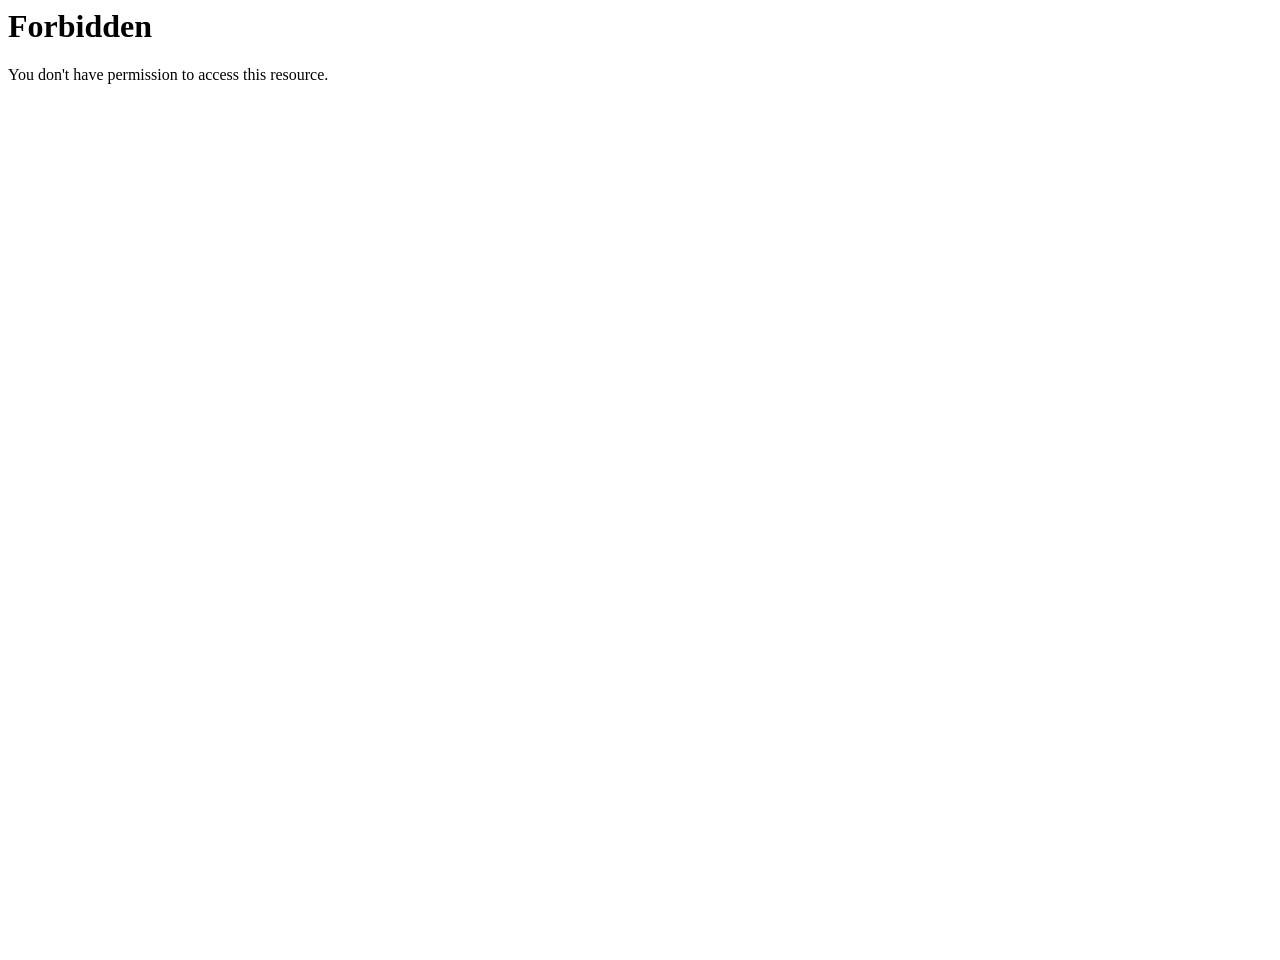 泉総合法律事務所(弁護士法人)八王子支店